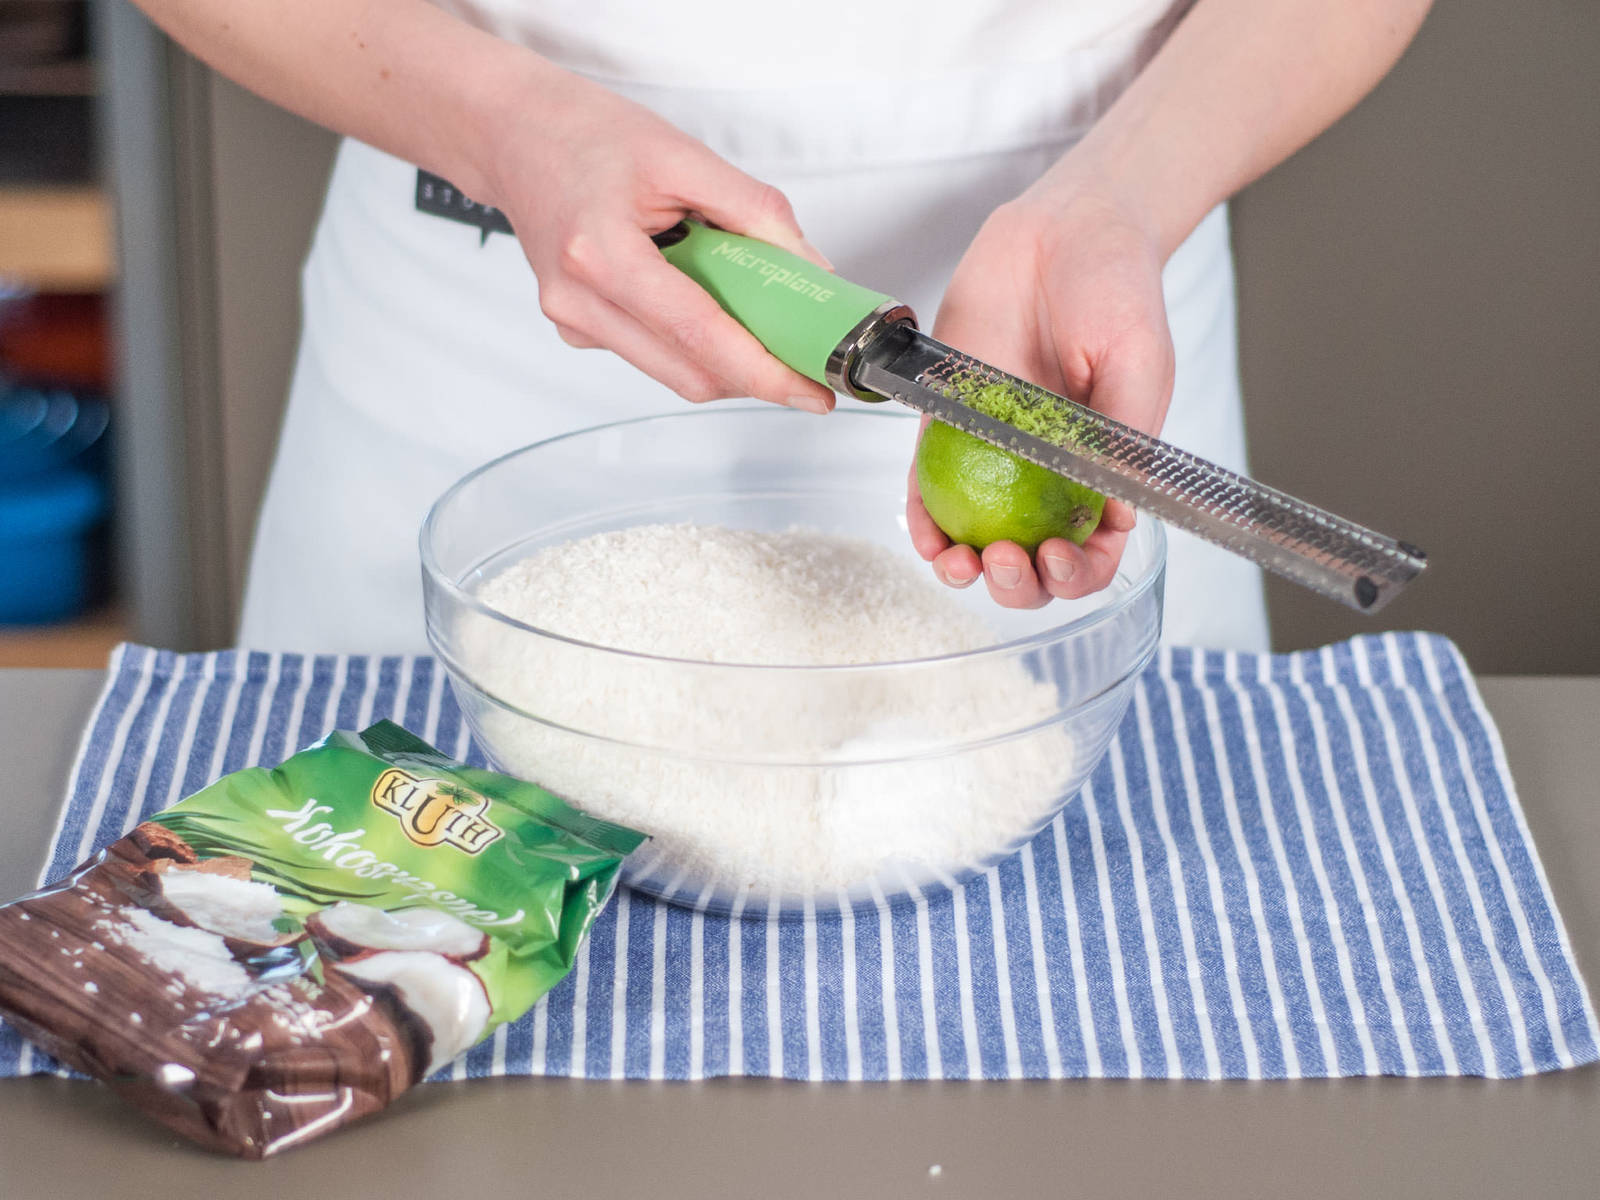 擦取一部分酸橙皮碎。向大碗中加入面粉、泡打粉、椰蓉与酸橙皮碎,并搅拌均匀。